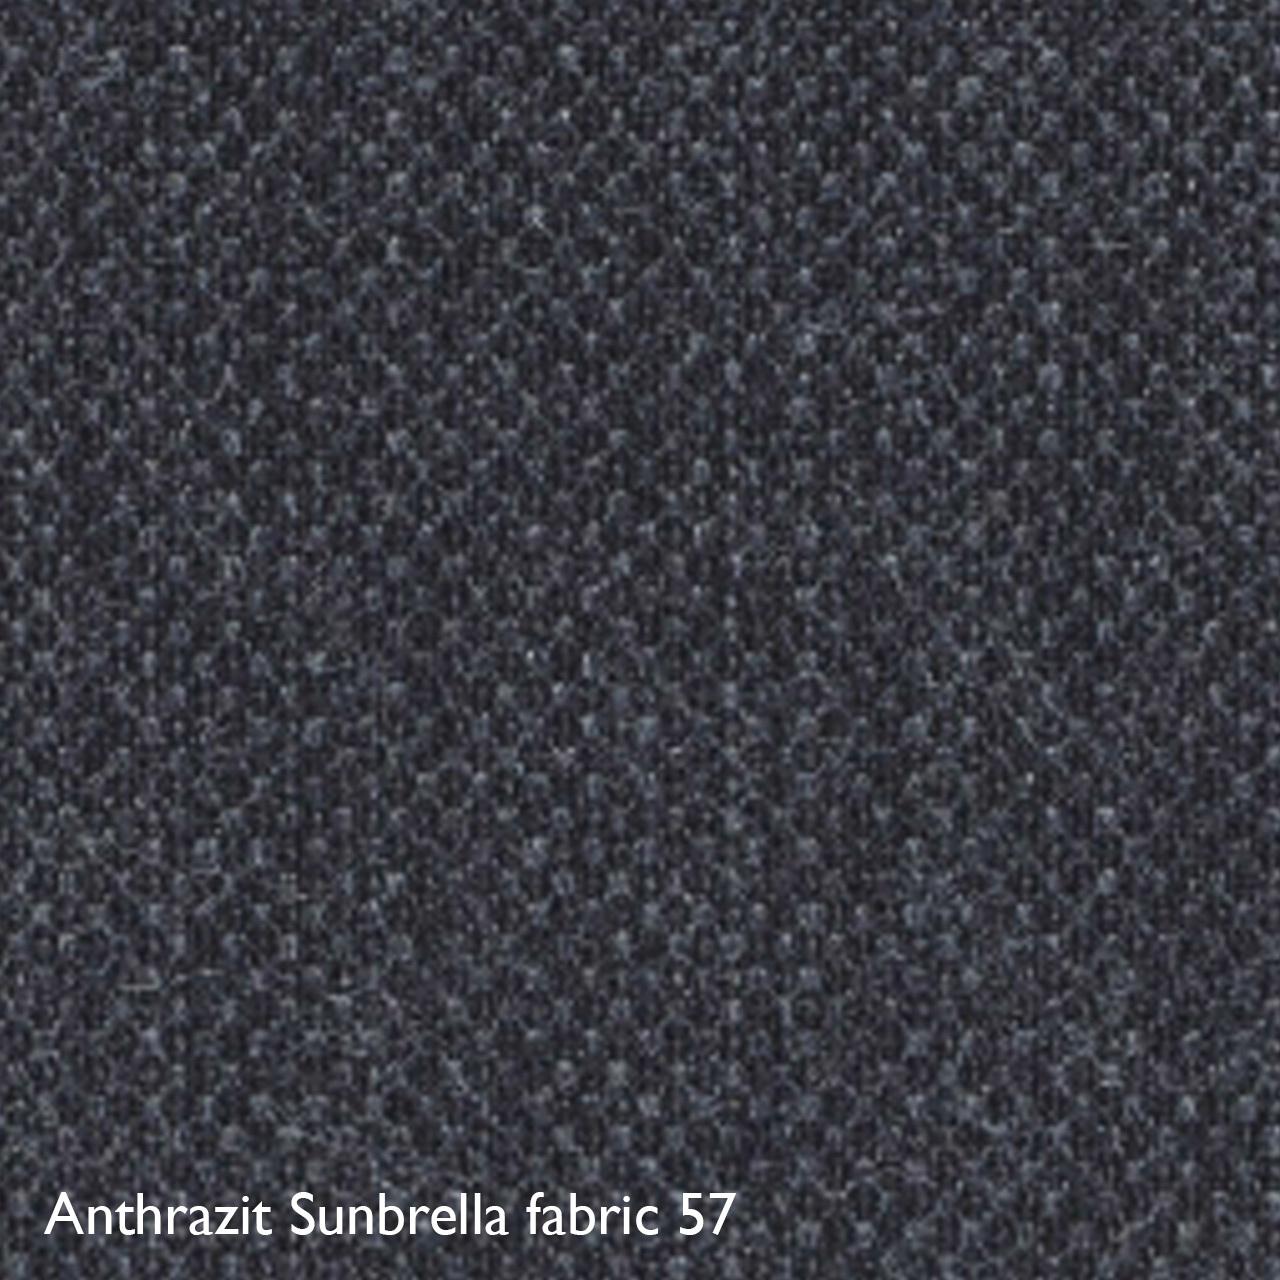 Houe Farbkachel Anthrazit Sunbrella 57